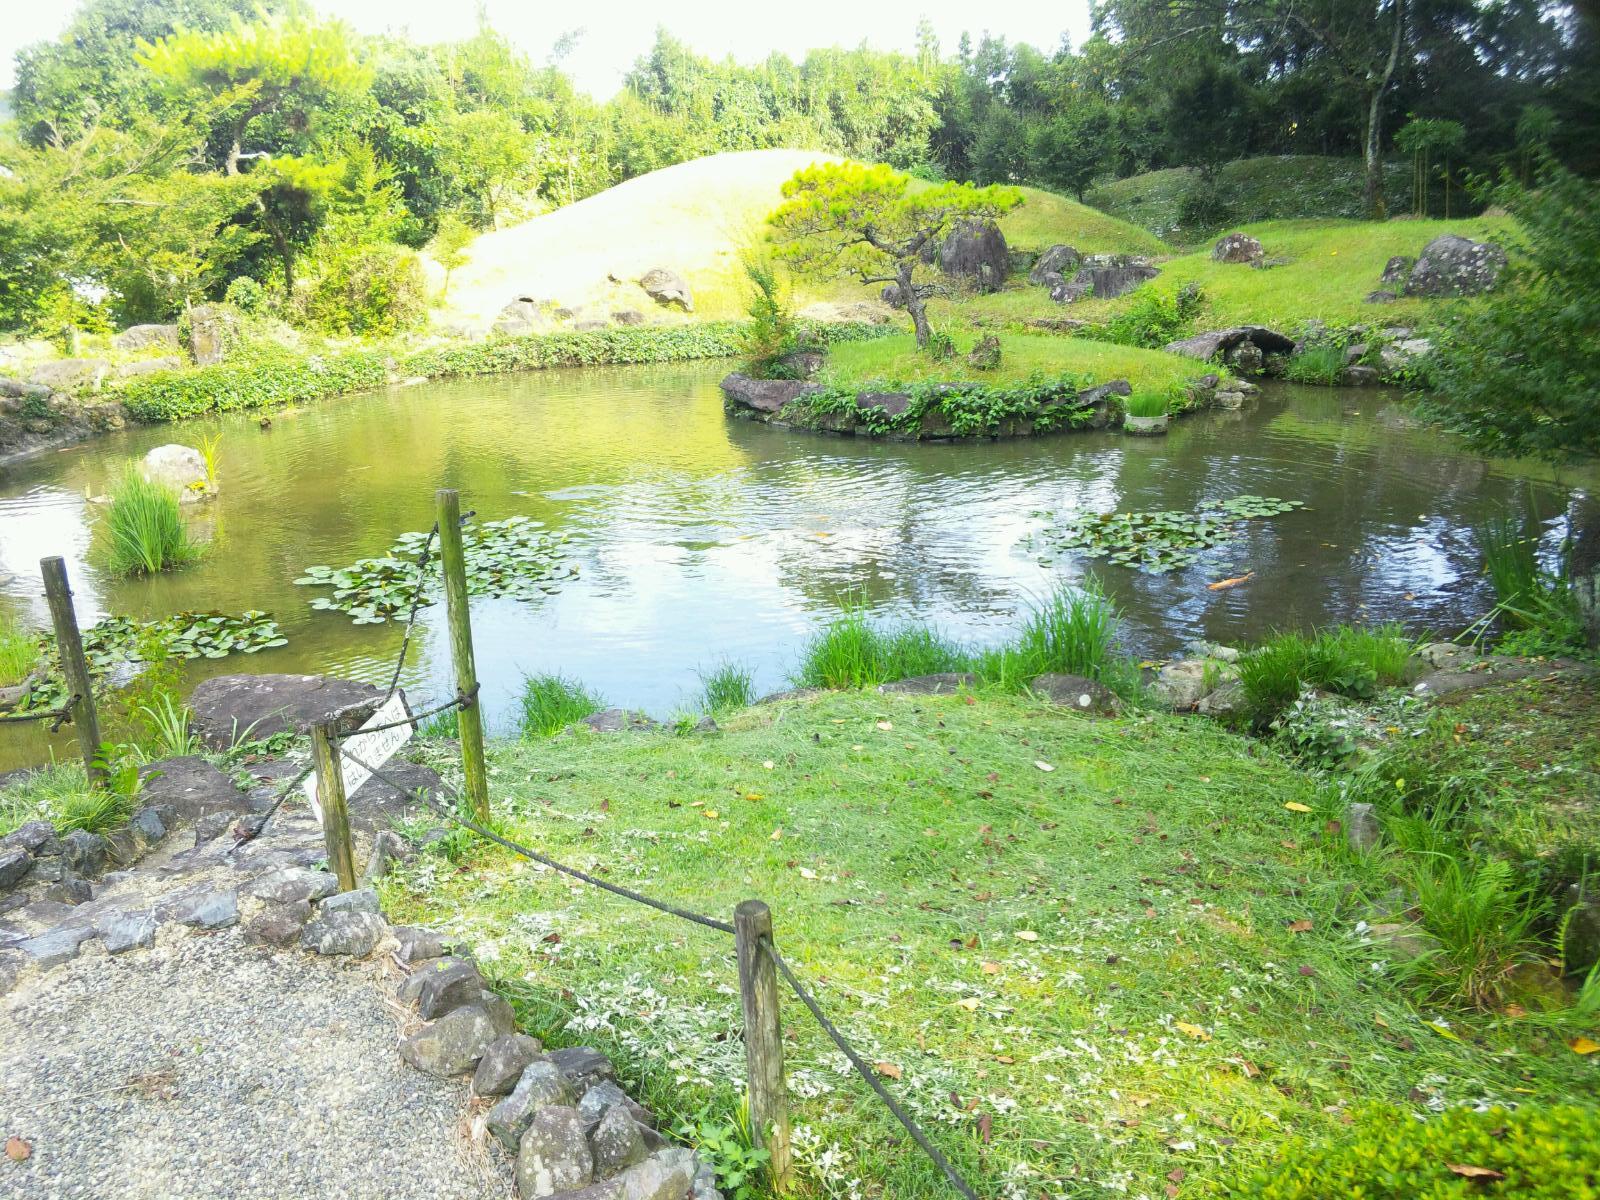 【眺世庵(ちょうせいあん)】御船!歴史上、有名な人たちも訪れてる庭の風景が素敵な所